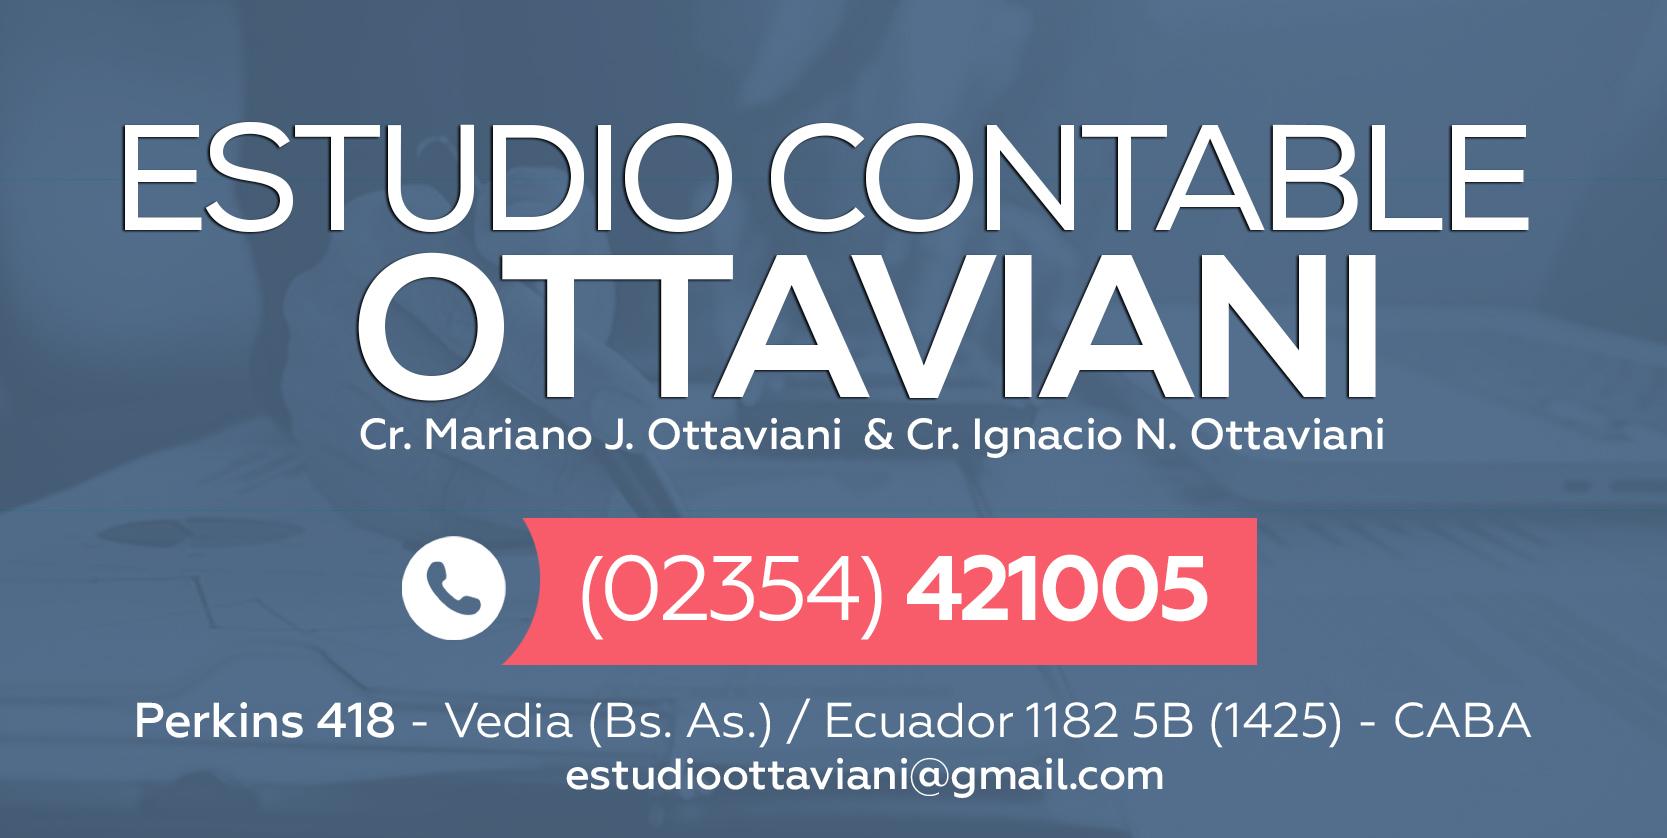 Estudio Contable Ottaviani